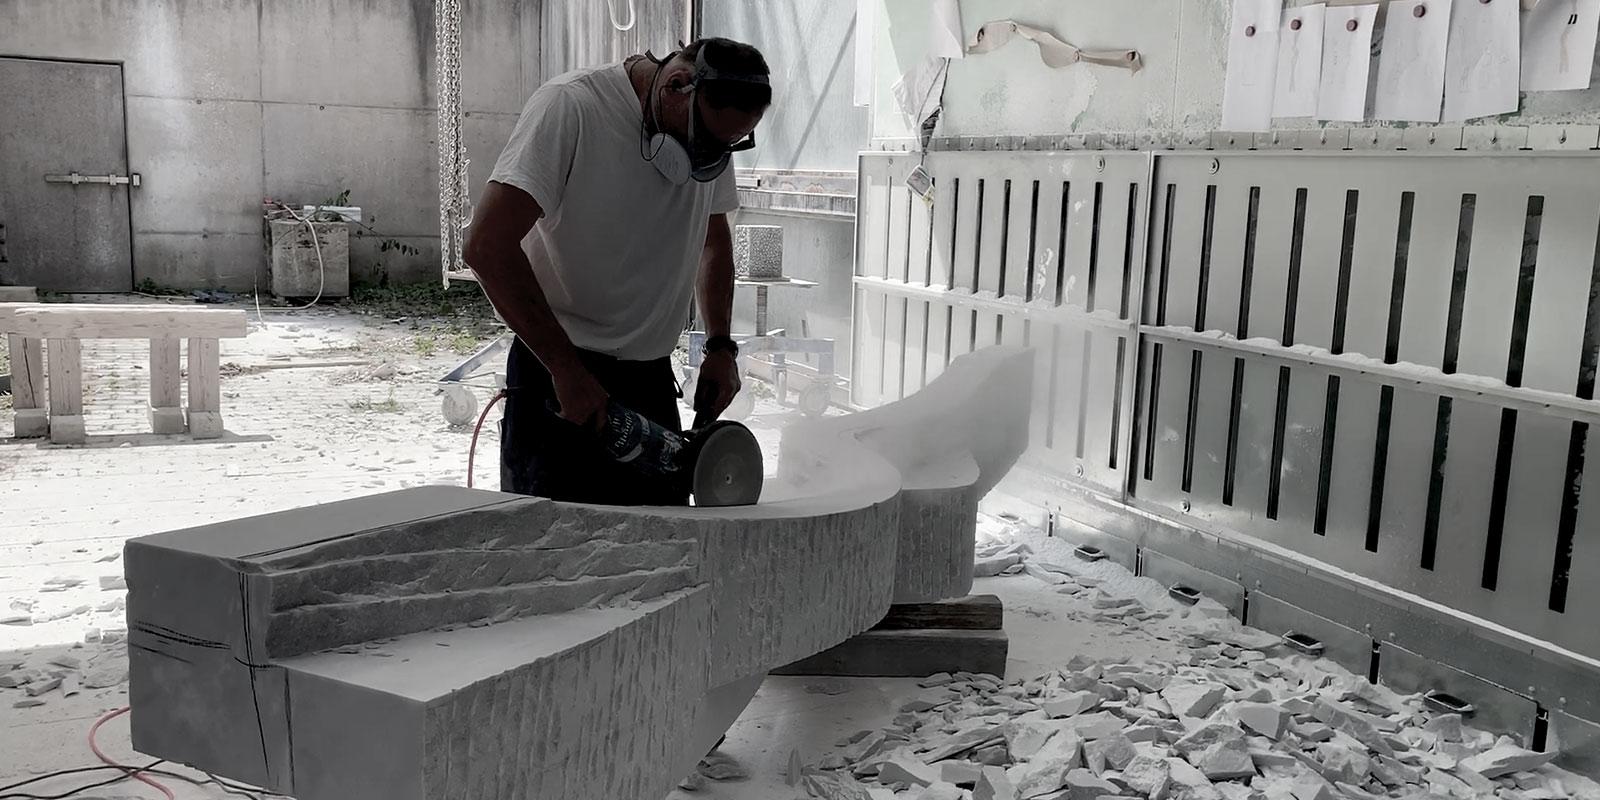 Frank teufel beim arbeiten, zsuchneiden Marmor Skulptur